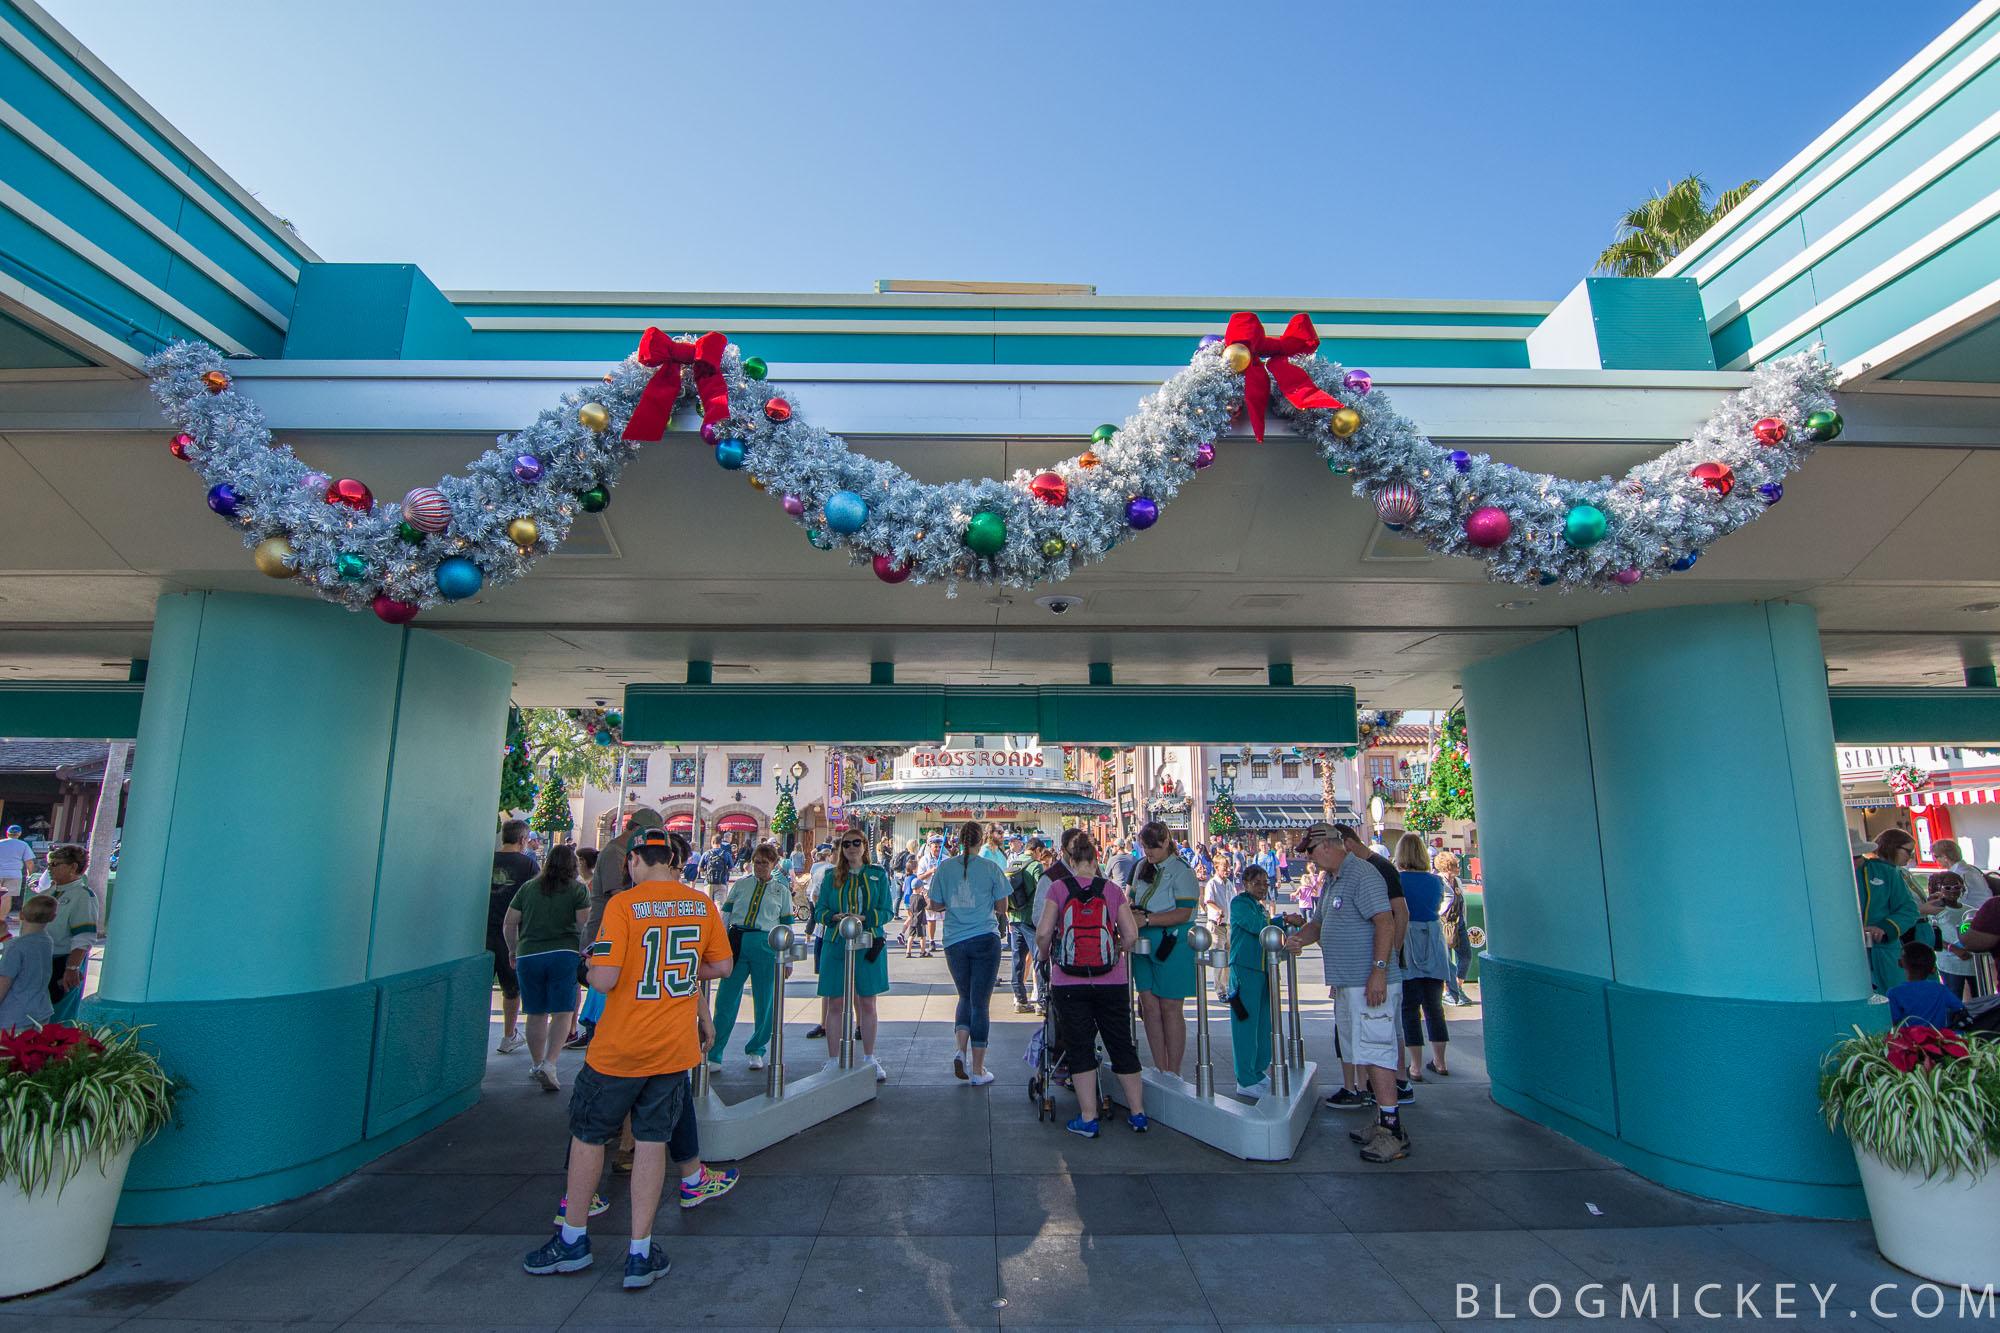 Photos: Holiday decorations at Hollywood Studios - Blog Mickey